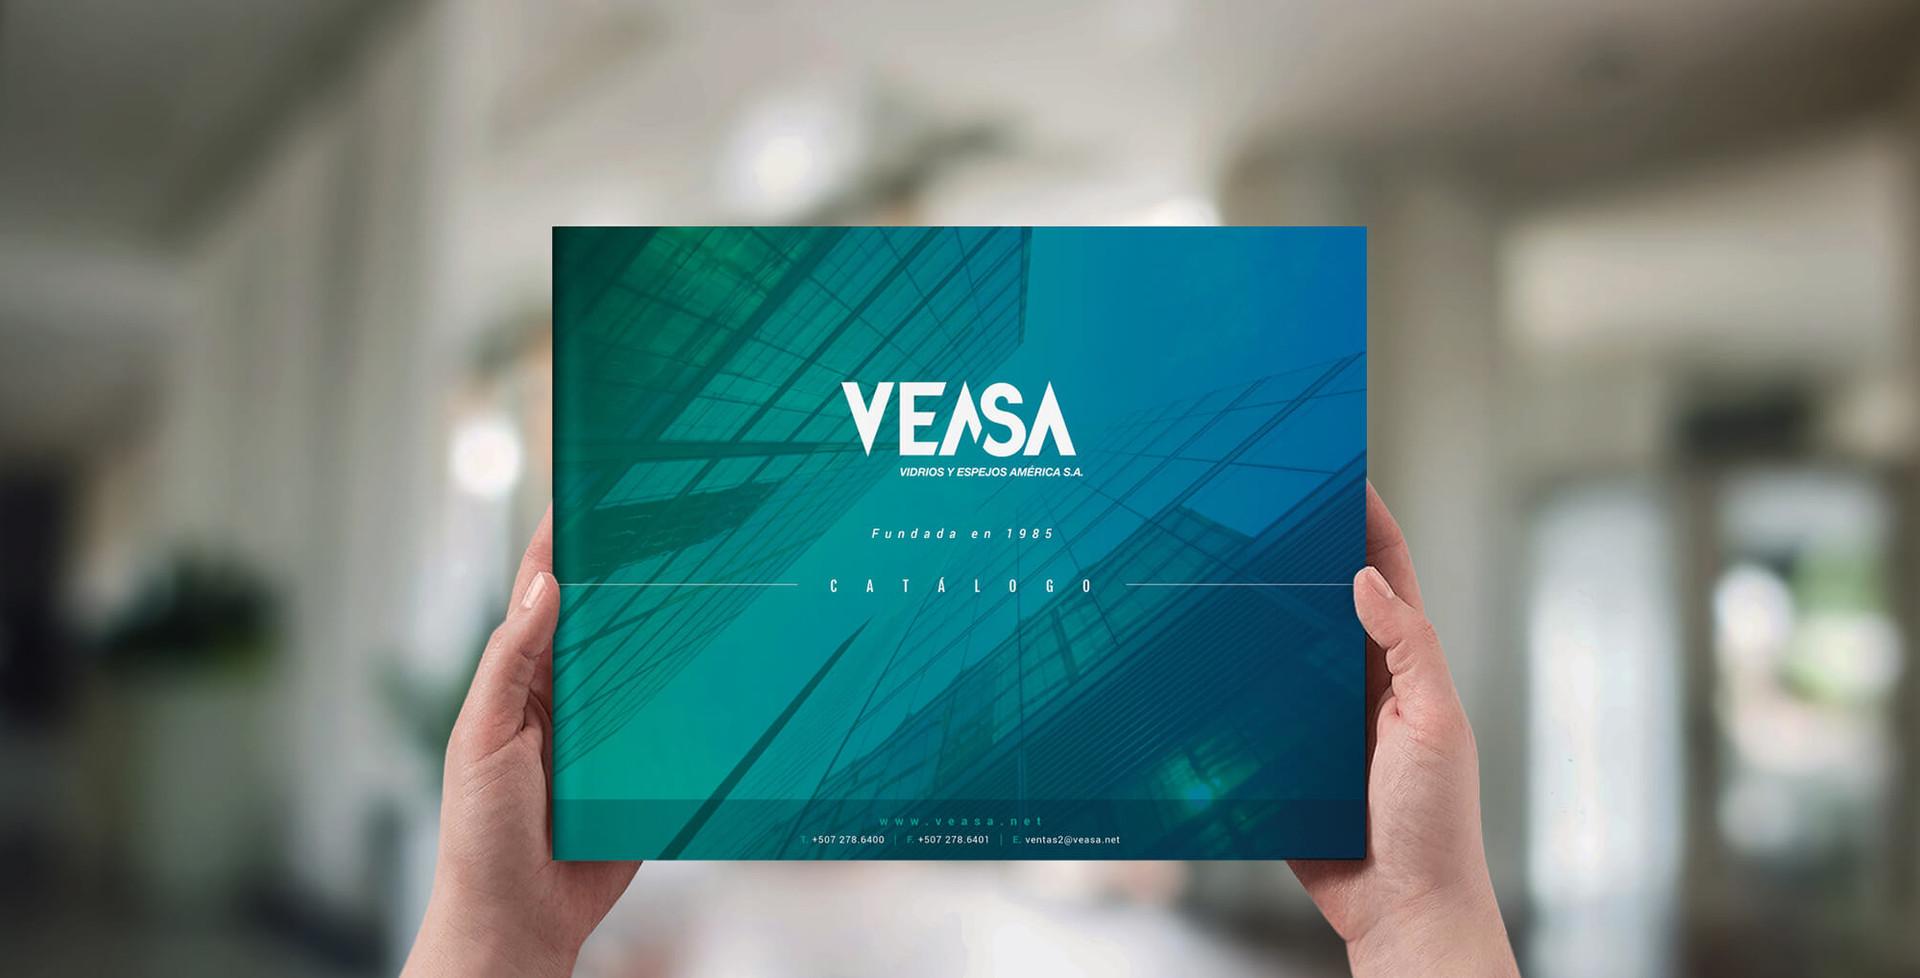 Veasa - Catálogo